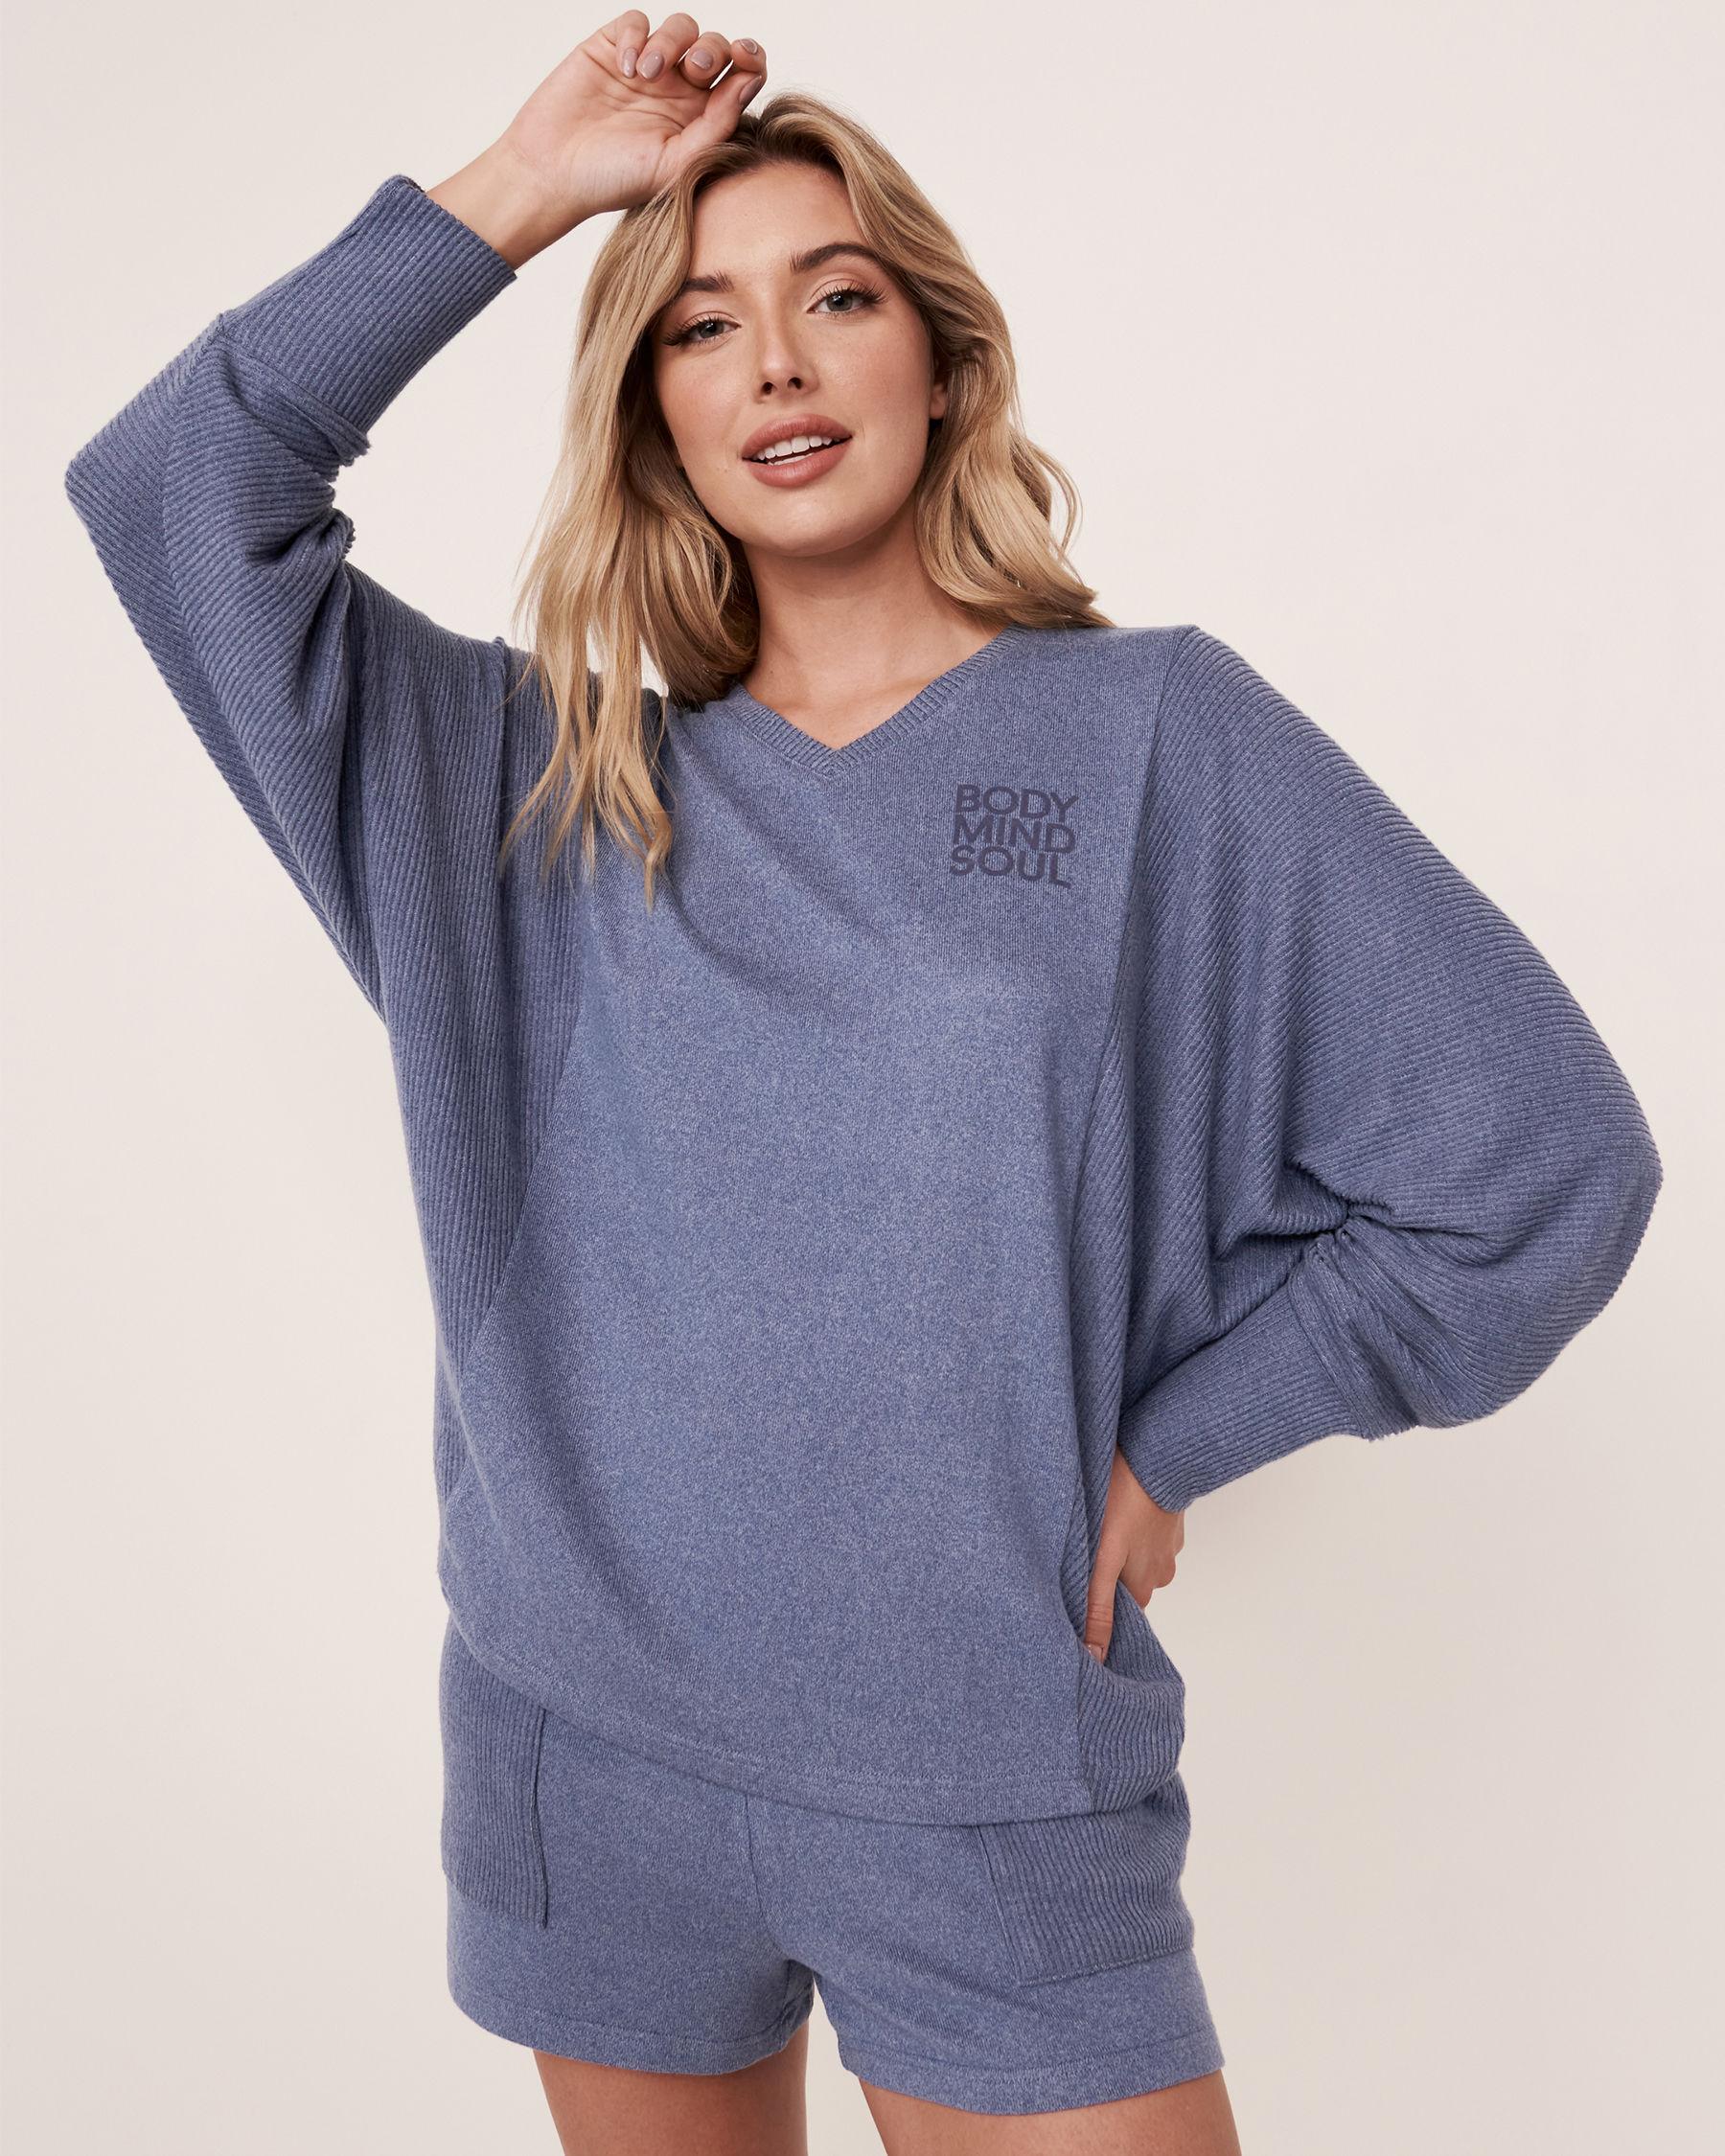 LA VIE EN ROSE Chandail manches longues en tricot doux Mélange bleu jeans 50100012 - Voir1